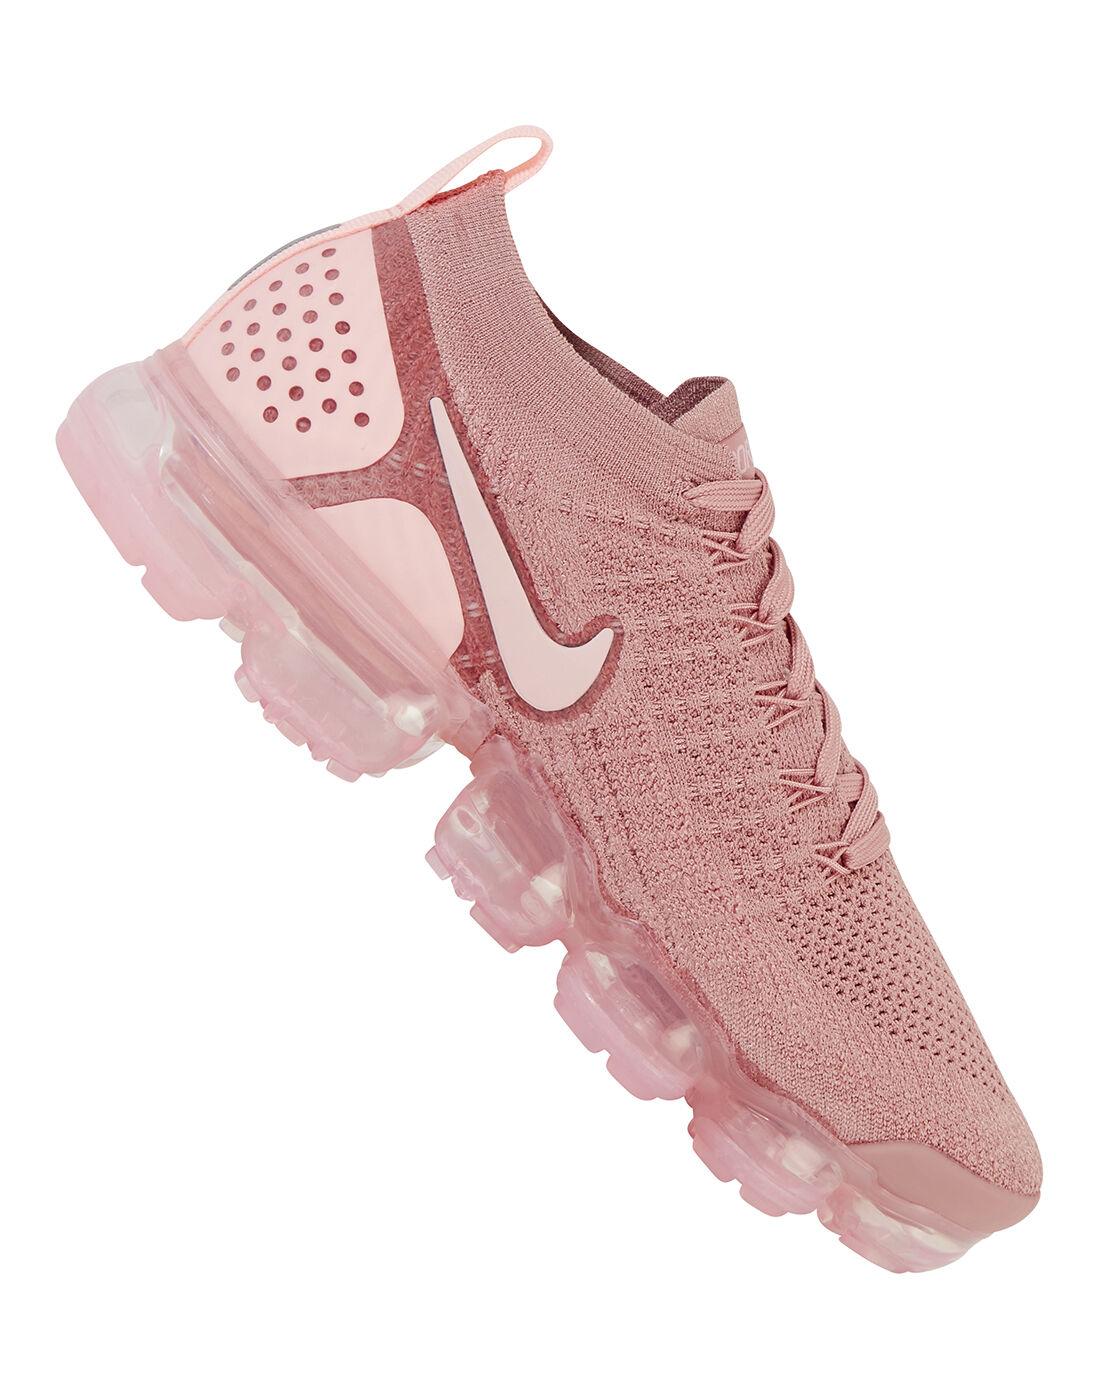 pink vapormax womens